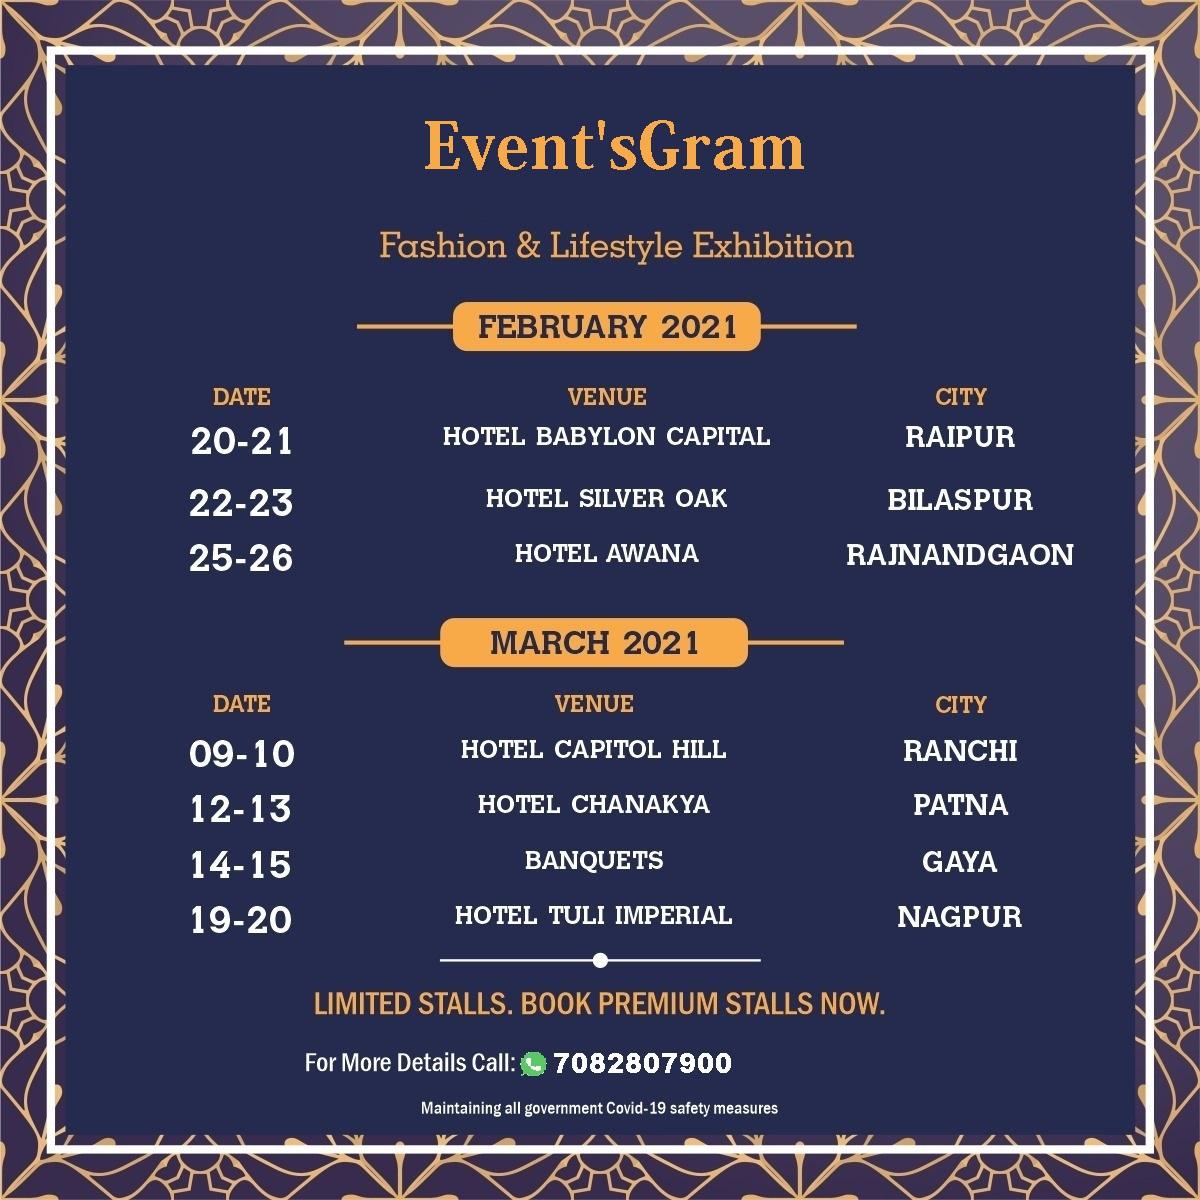 Fashion & Lifestyle Exhibition